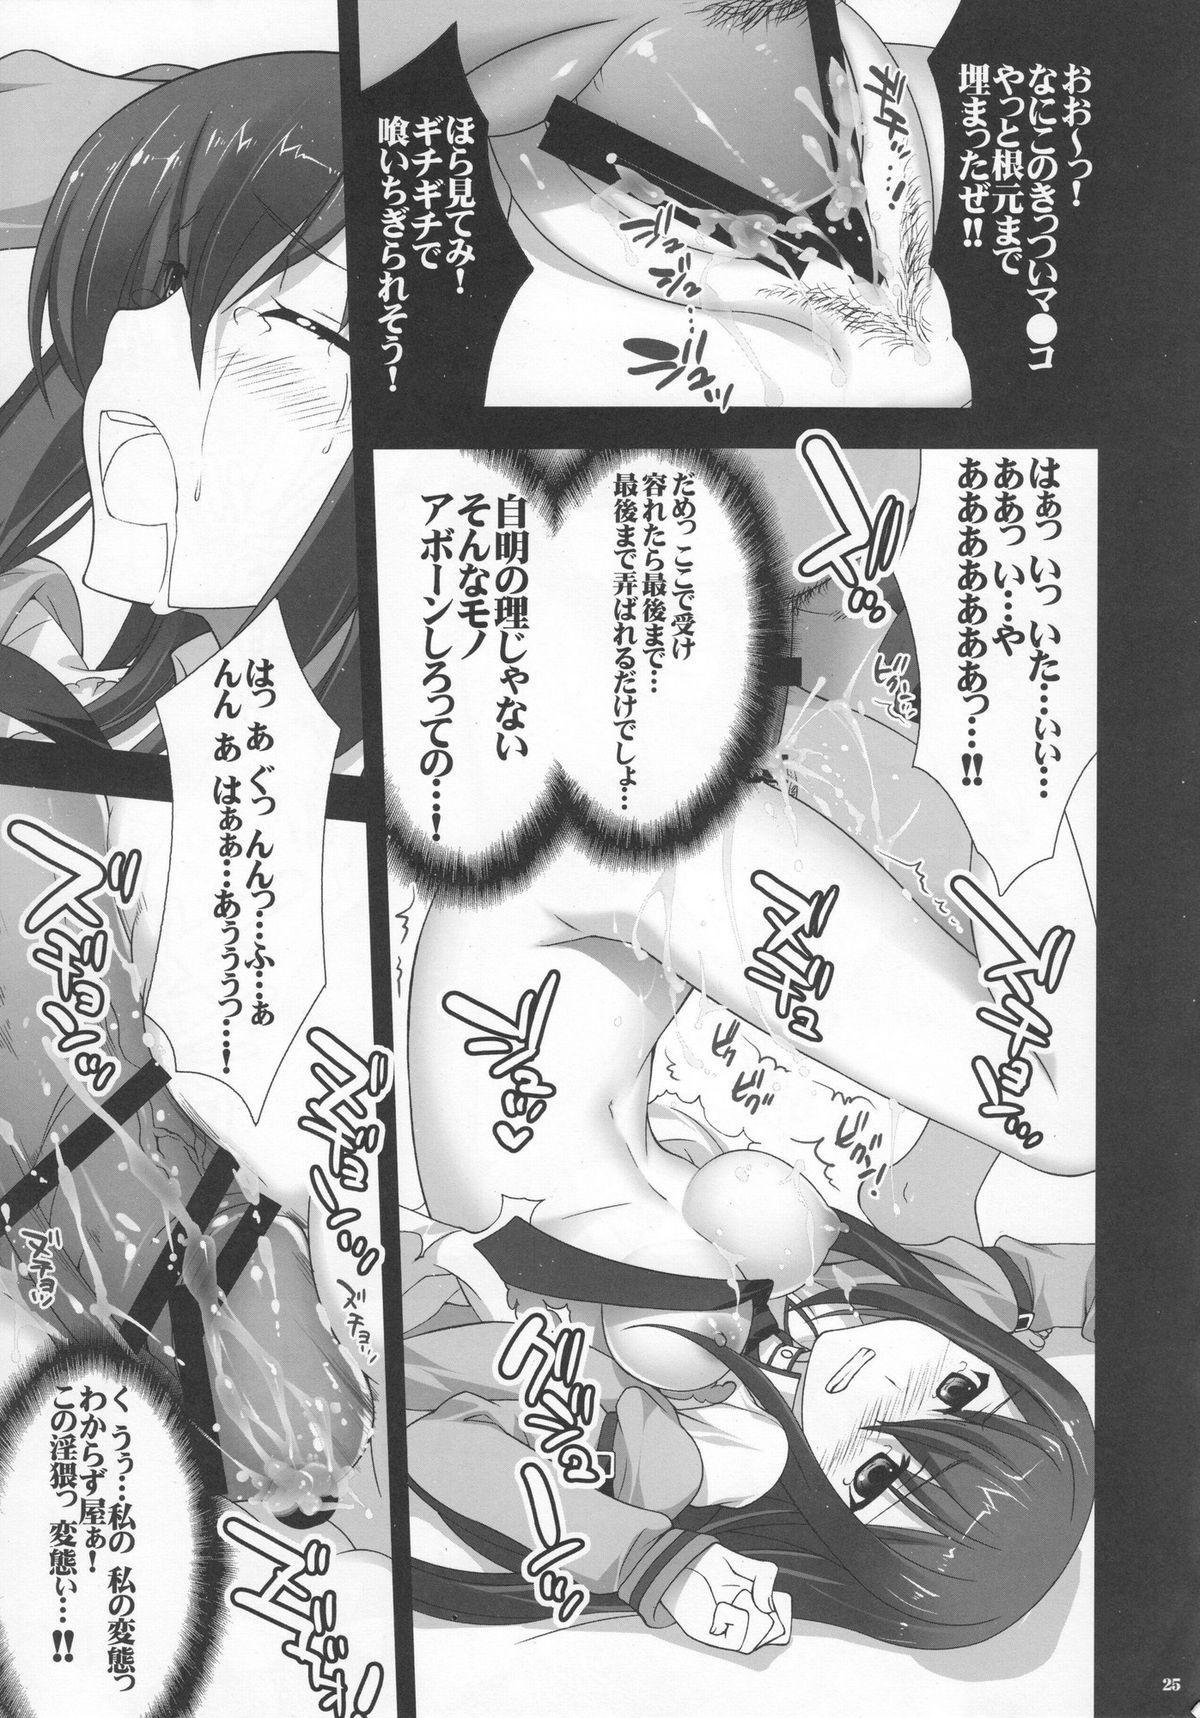 Nikuyoku Gadget Kenkyuujo 23